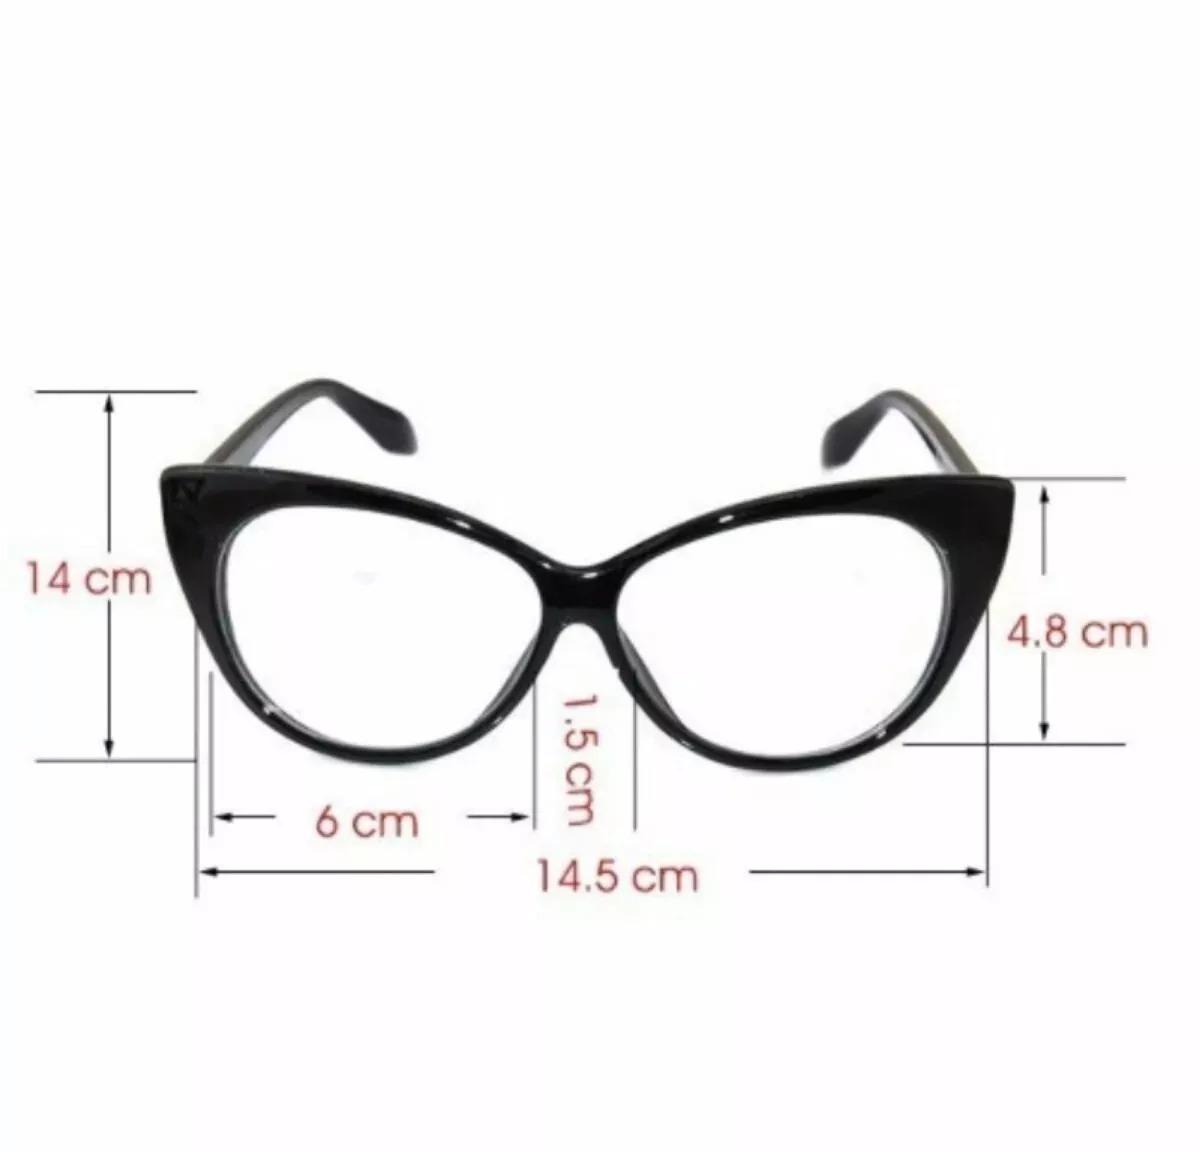 5f8835635beb1 Armação Óculos Grau Gatinho + Lente Miopia 4